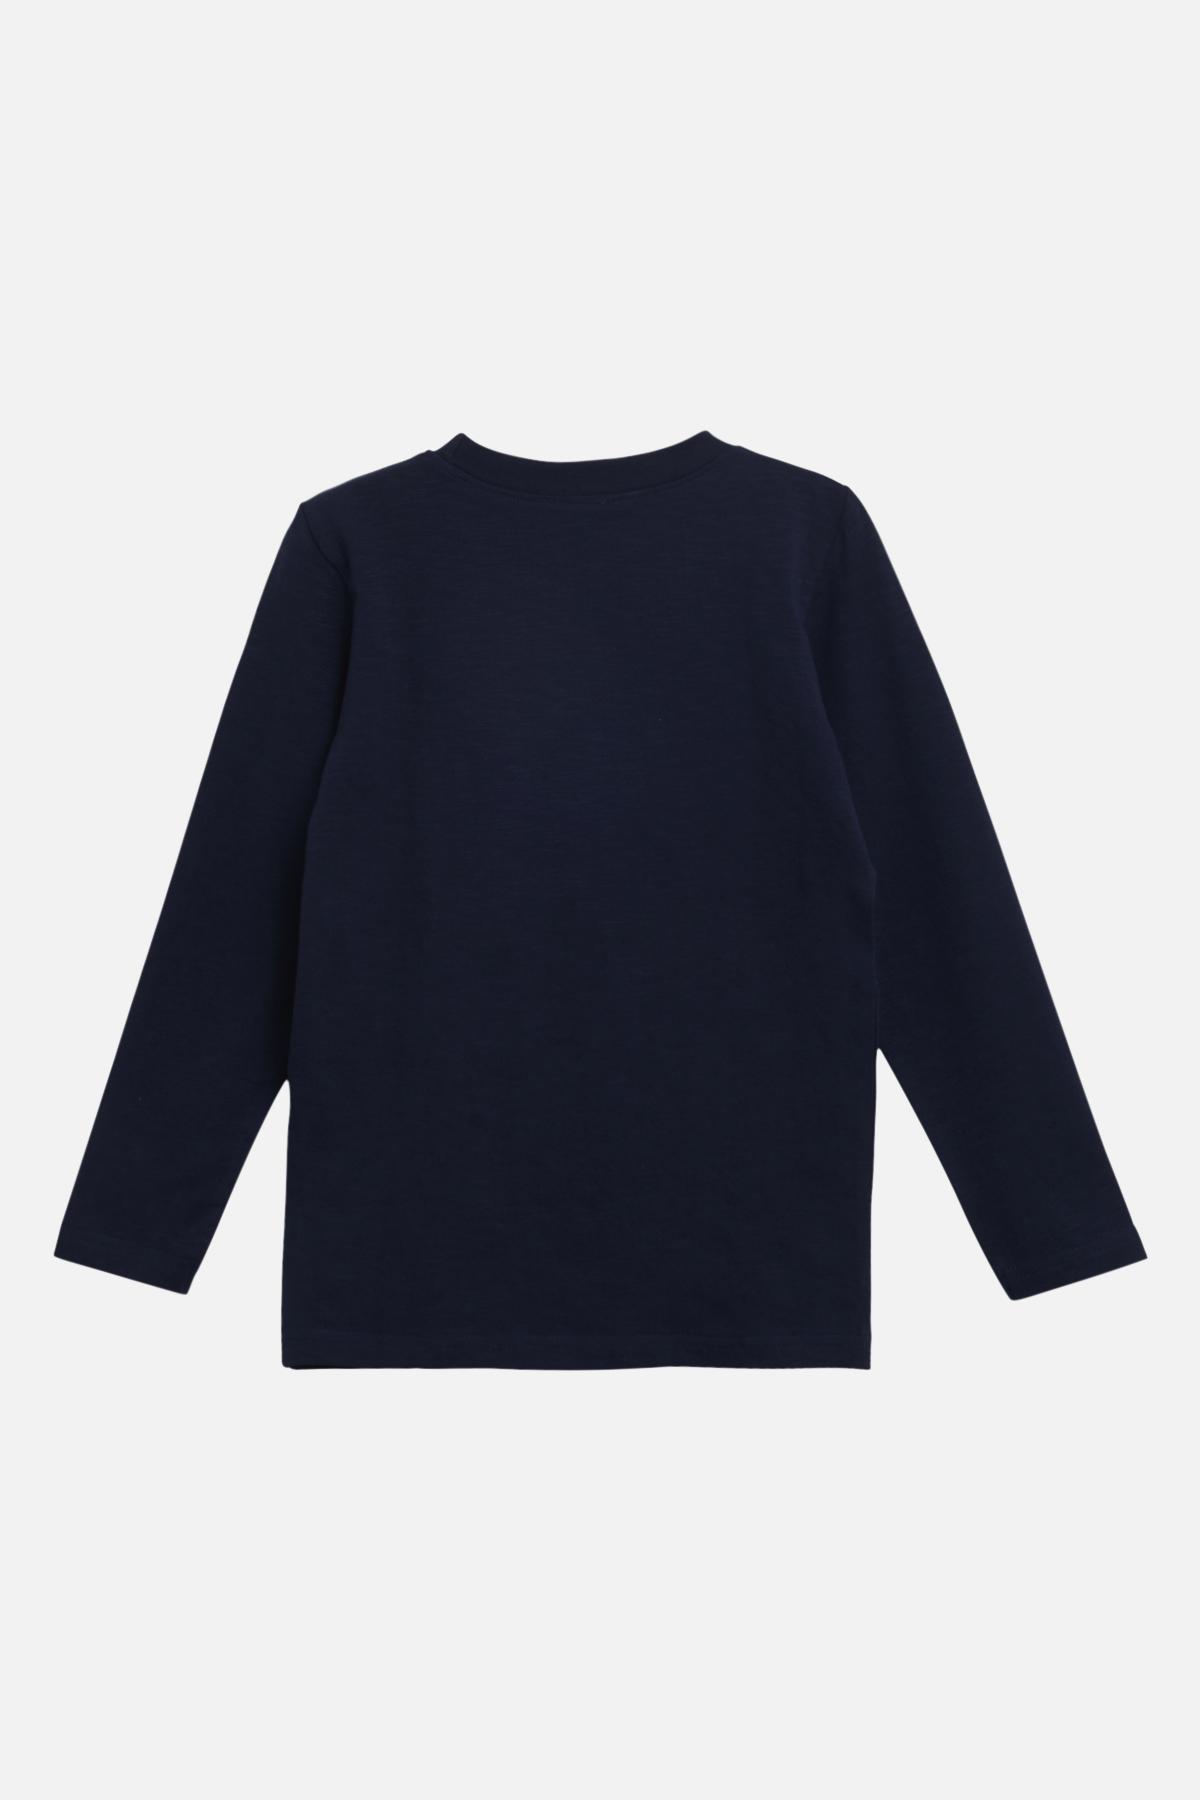 Boy - Adam - T-shirt L/S